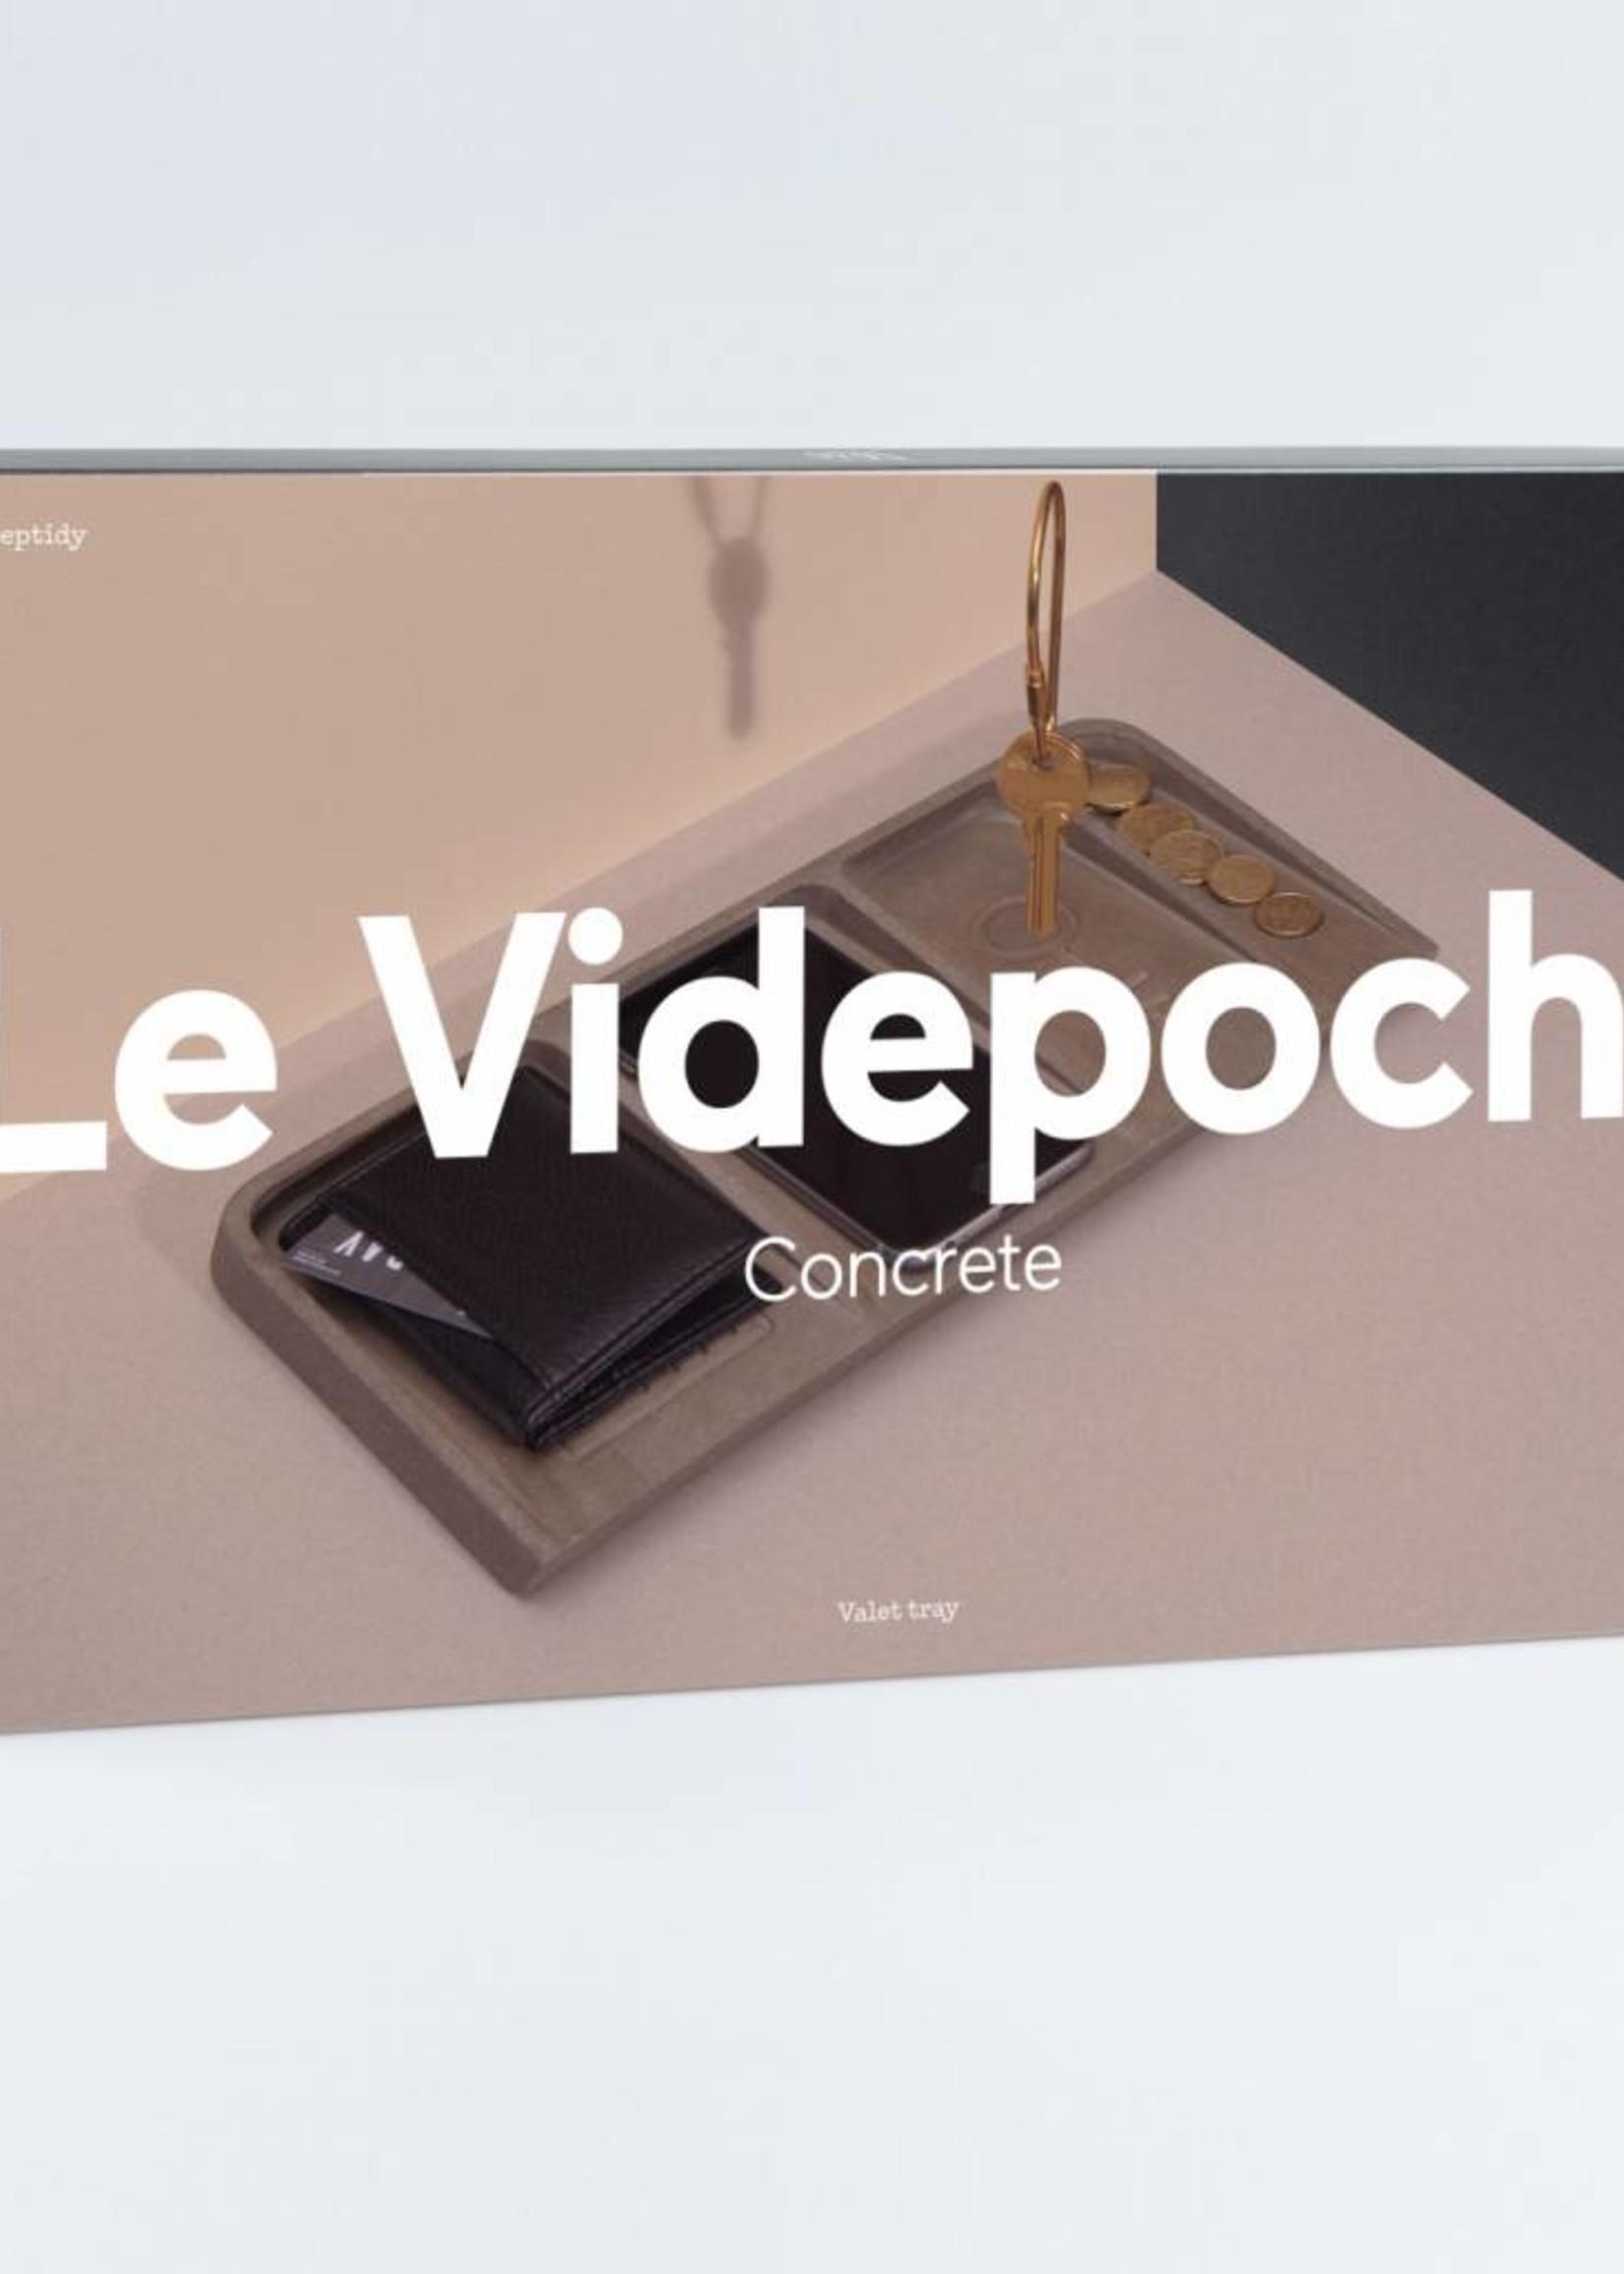 DOIY Le Videpoche